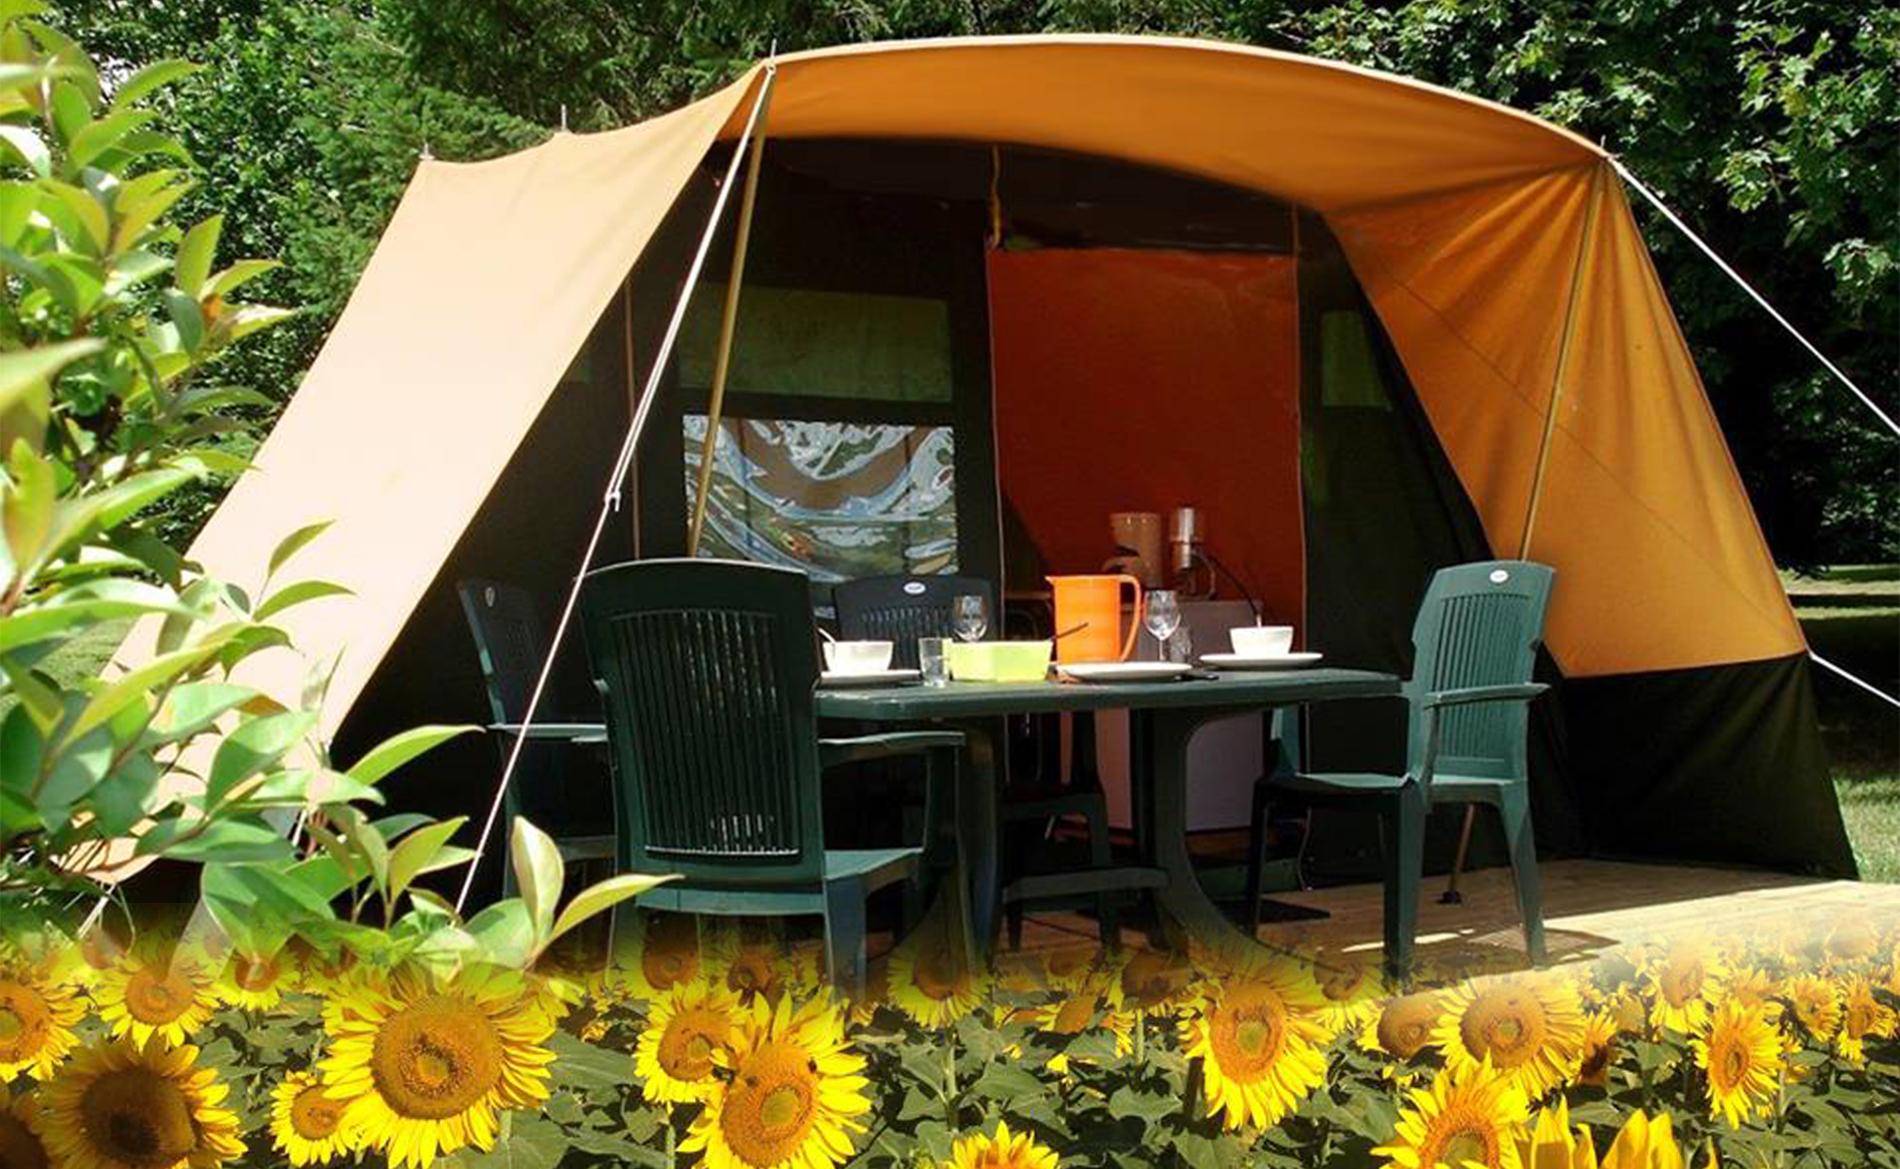 Tent terras tbv site frontpage met zonnebloemen actif en creuse